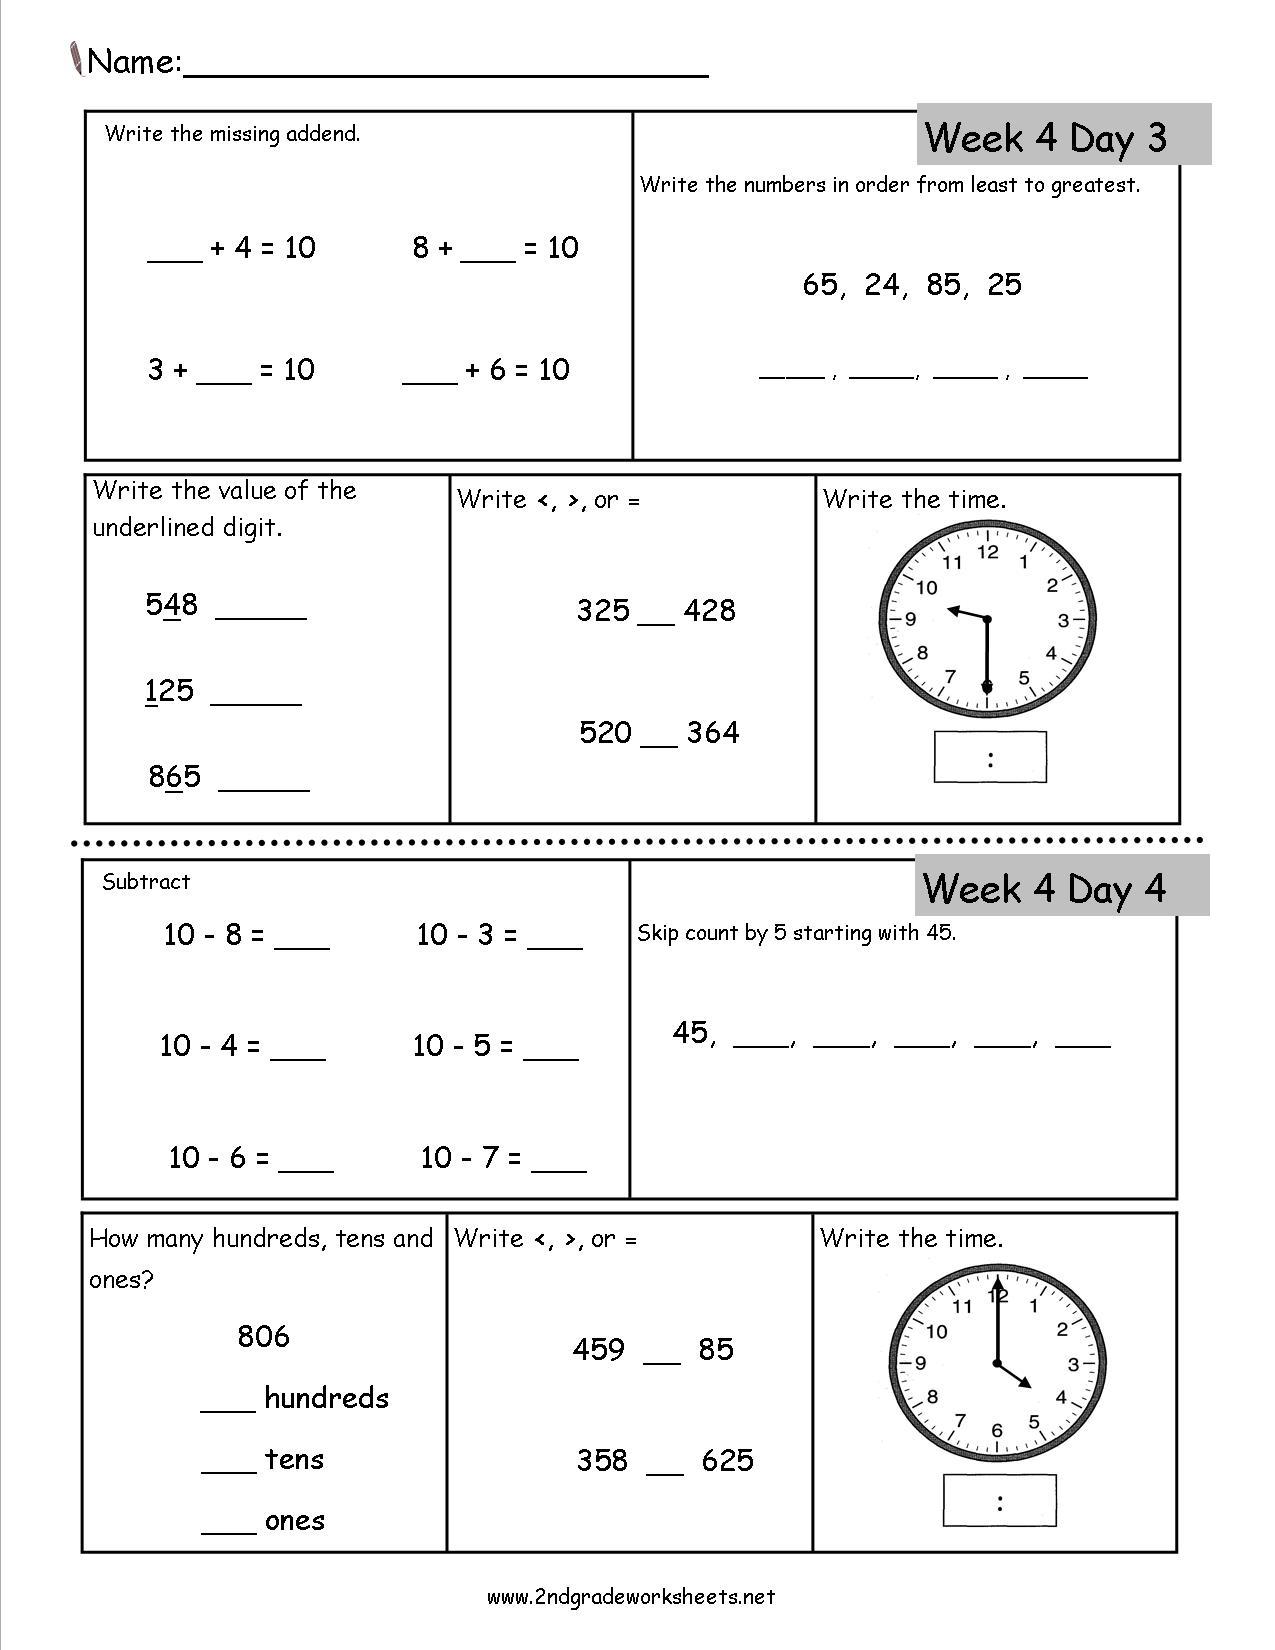 Magnet Worksheet For 2nd Grade